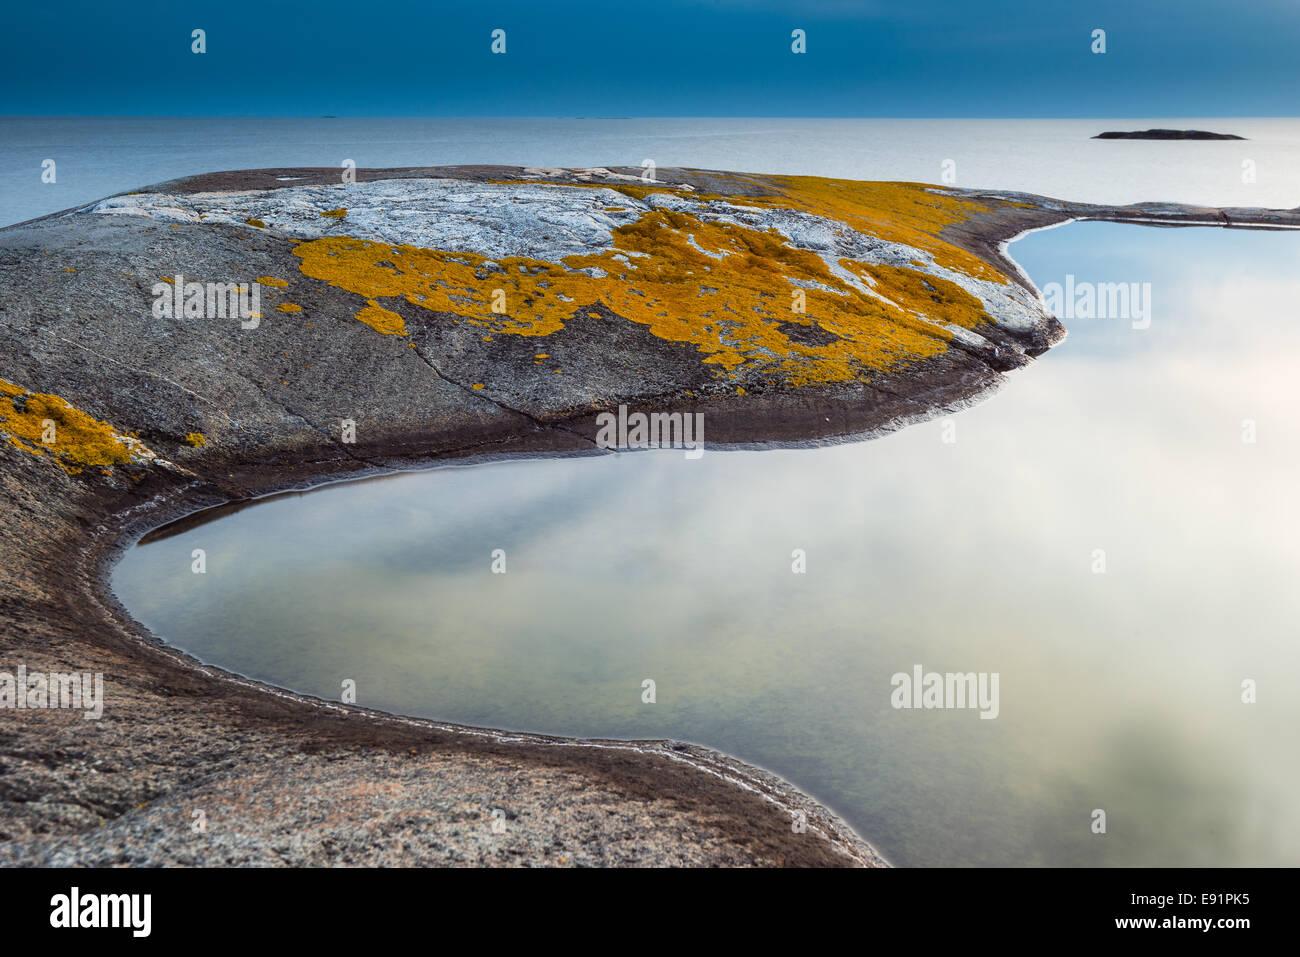 Marée lisse extérieure bordée de roches moussues Photo Stock